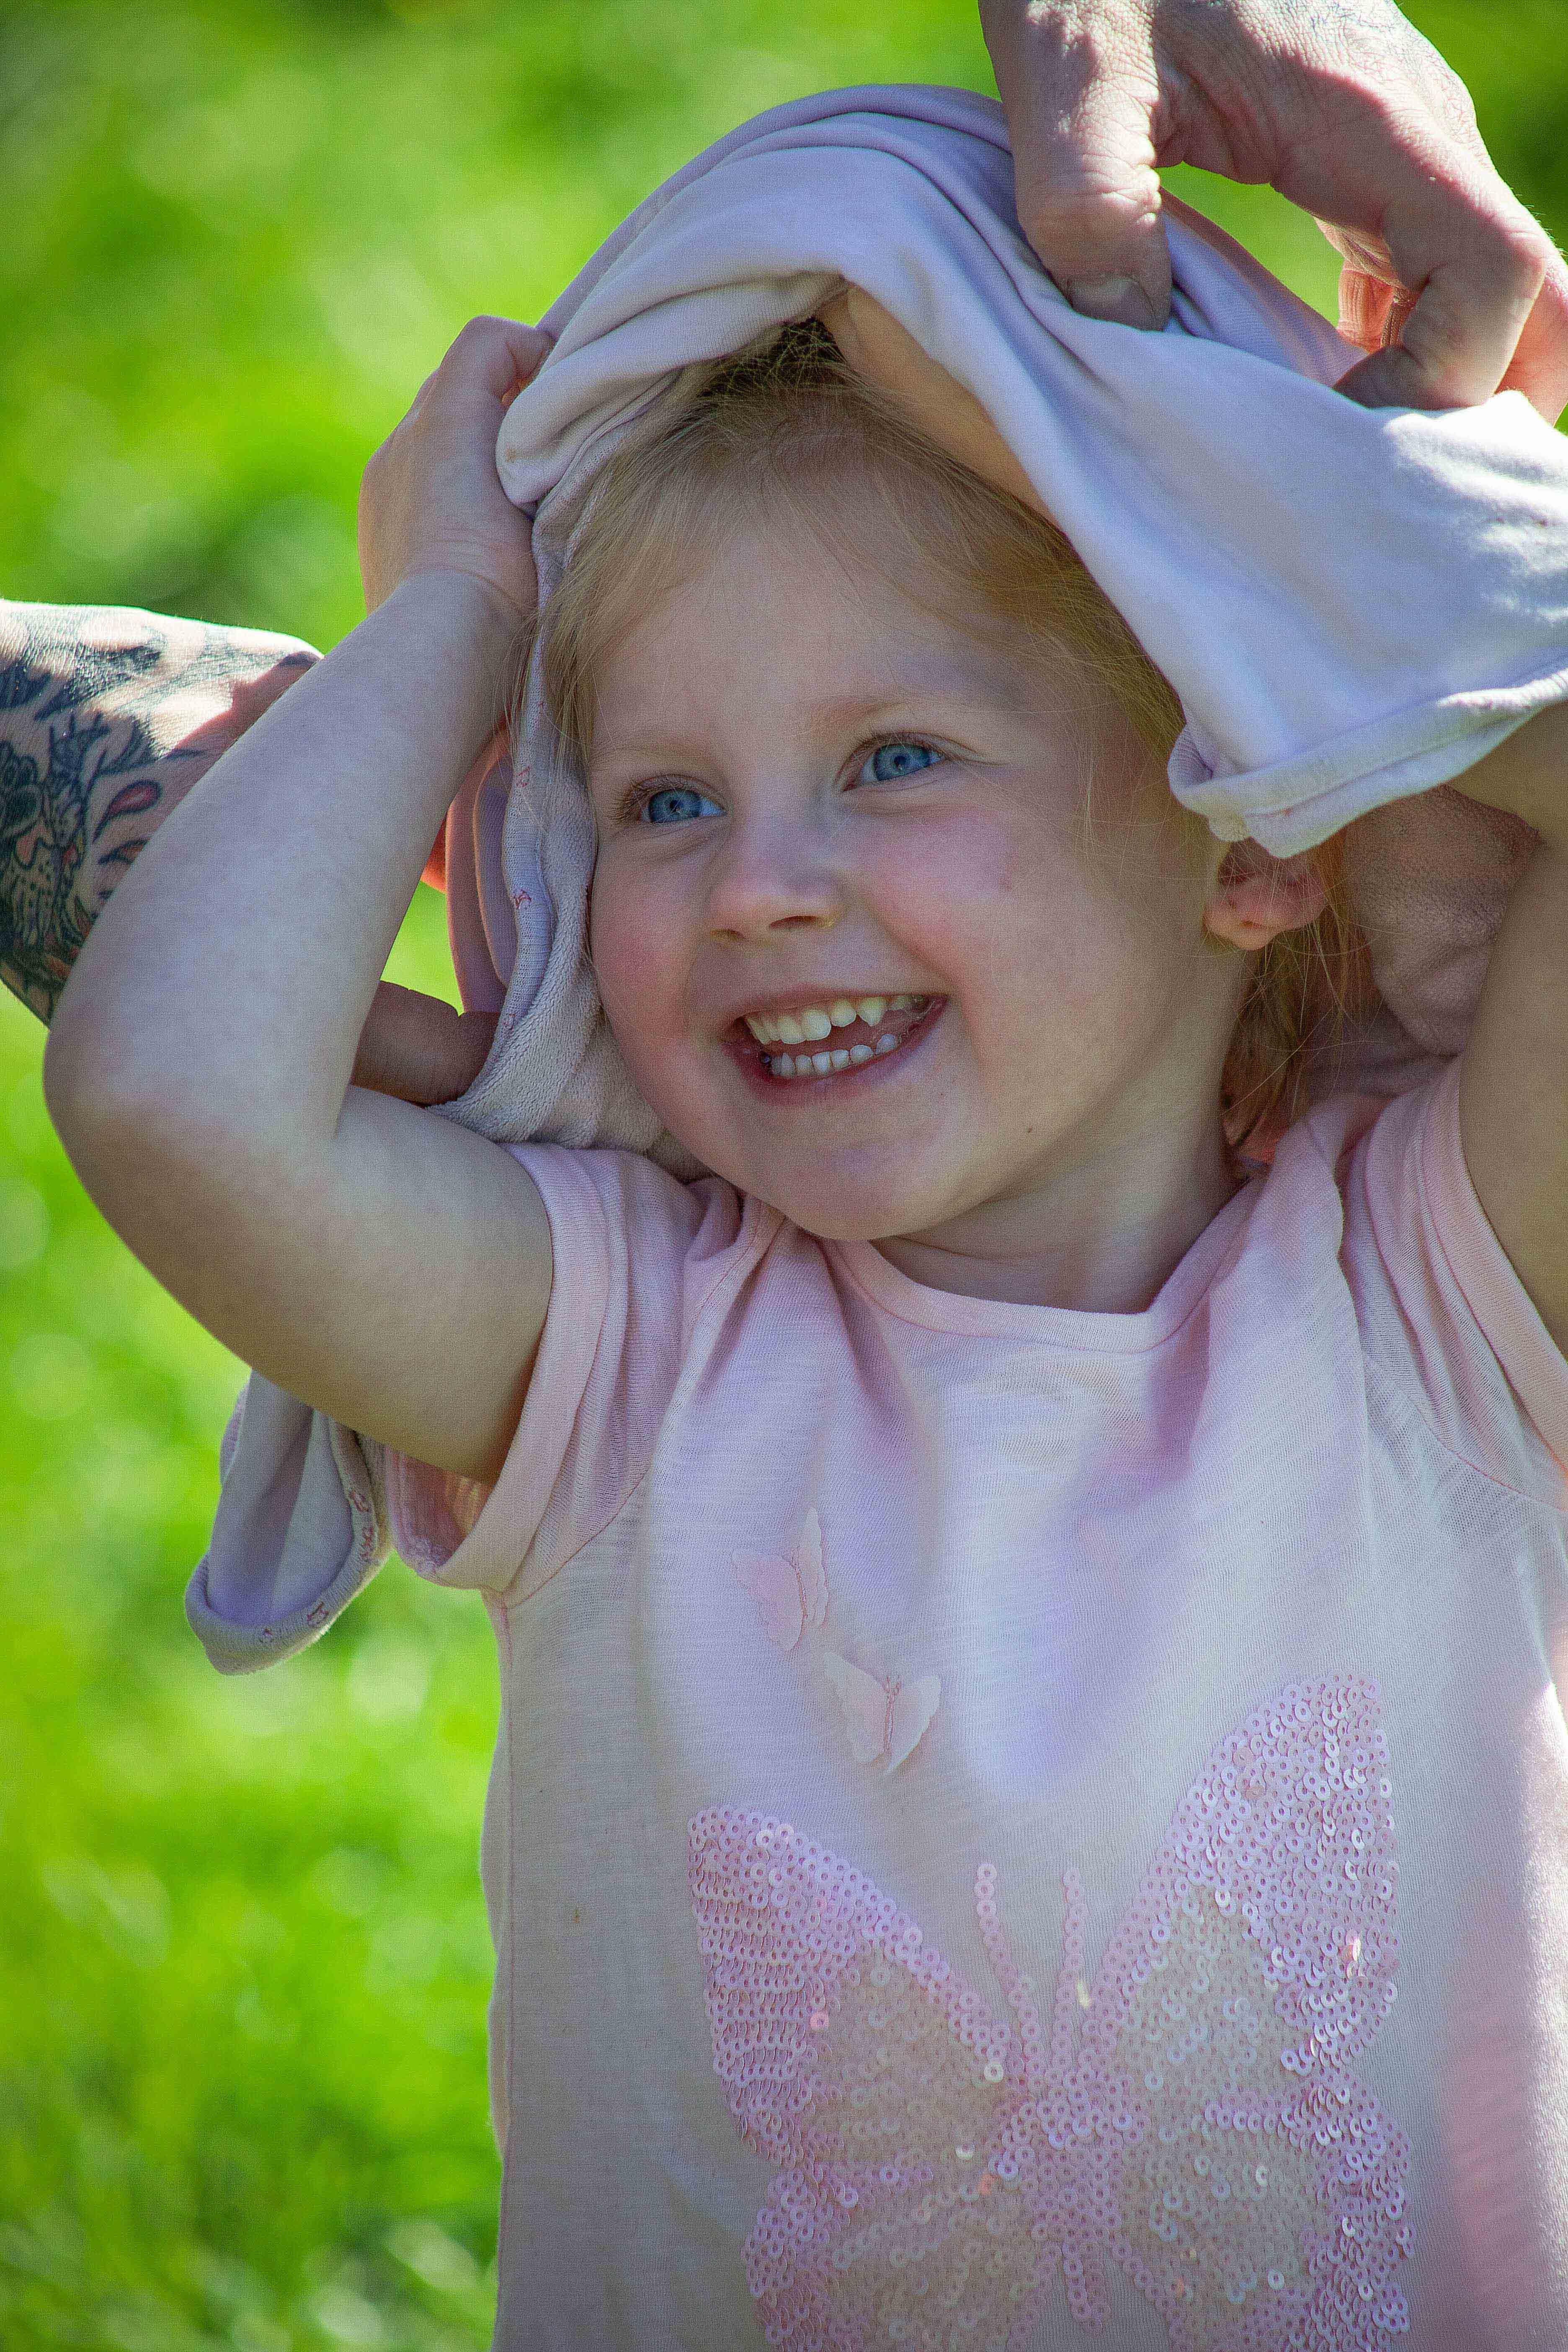 Sean Macreavy Media - Family & pets 5-3-2